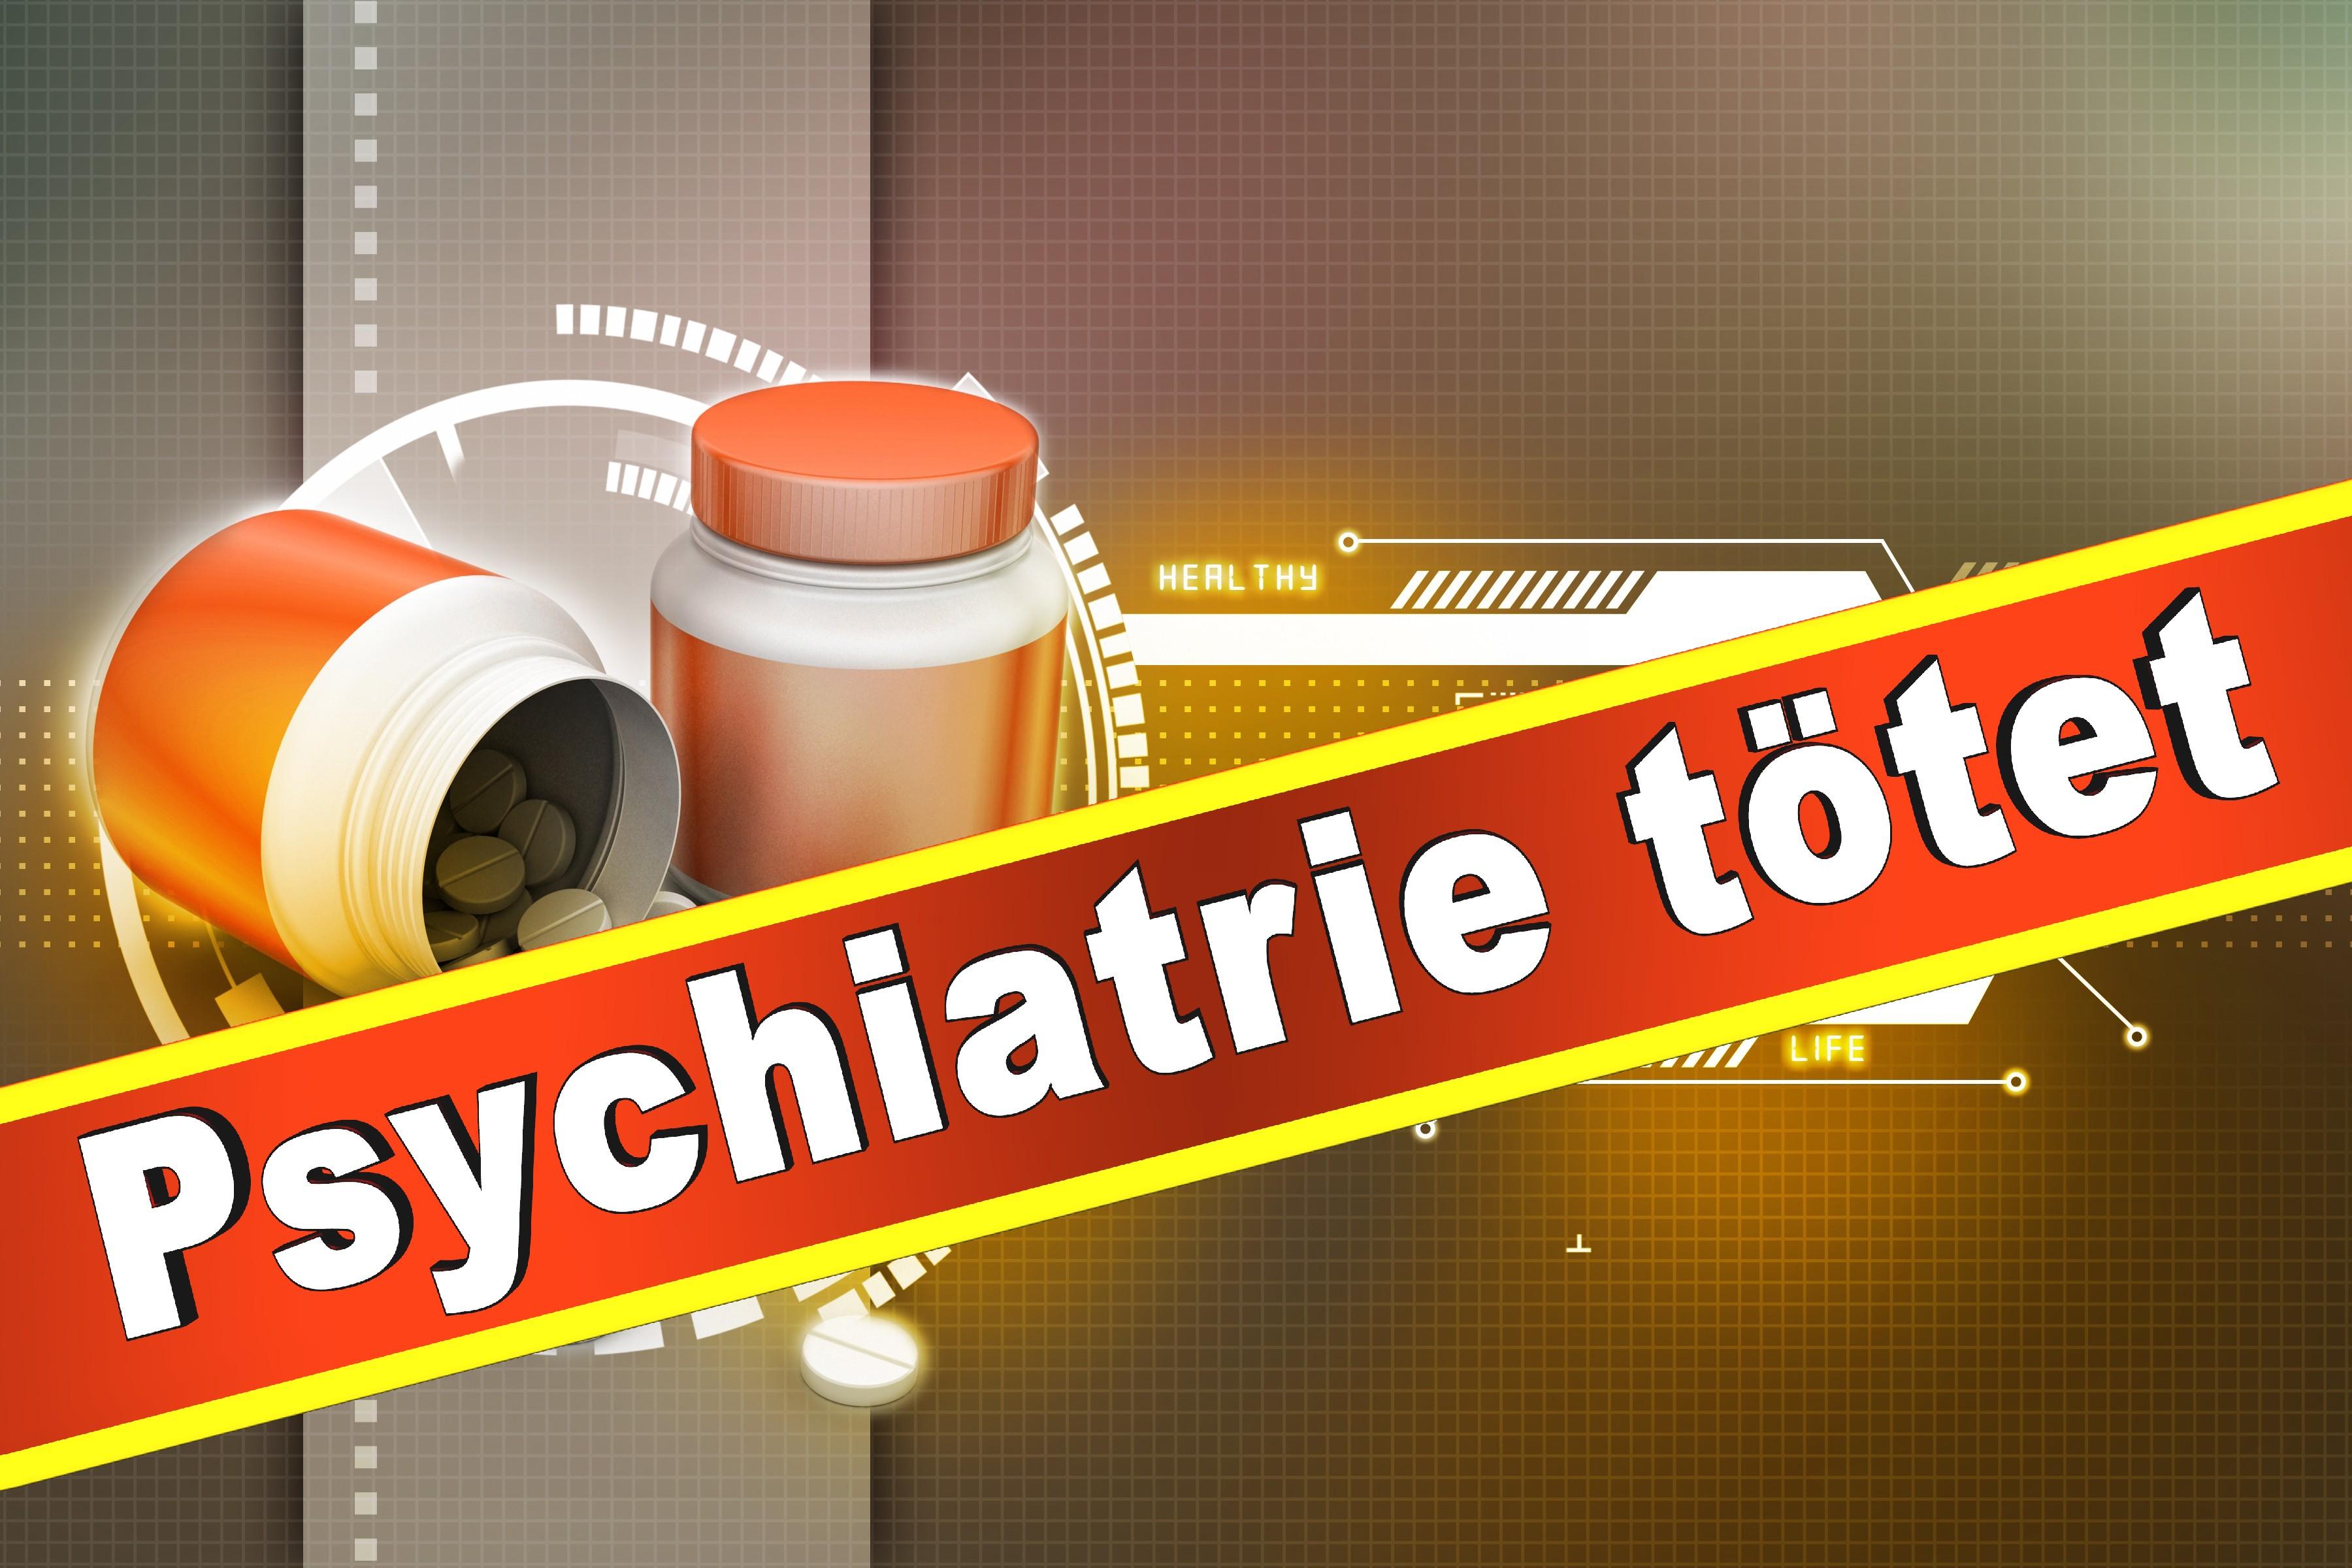 Psychiatrische Praxis Arzt Hannover Gutachten Psychiater Facharzt Psychiatrie